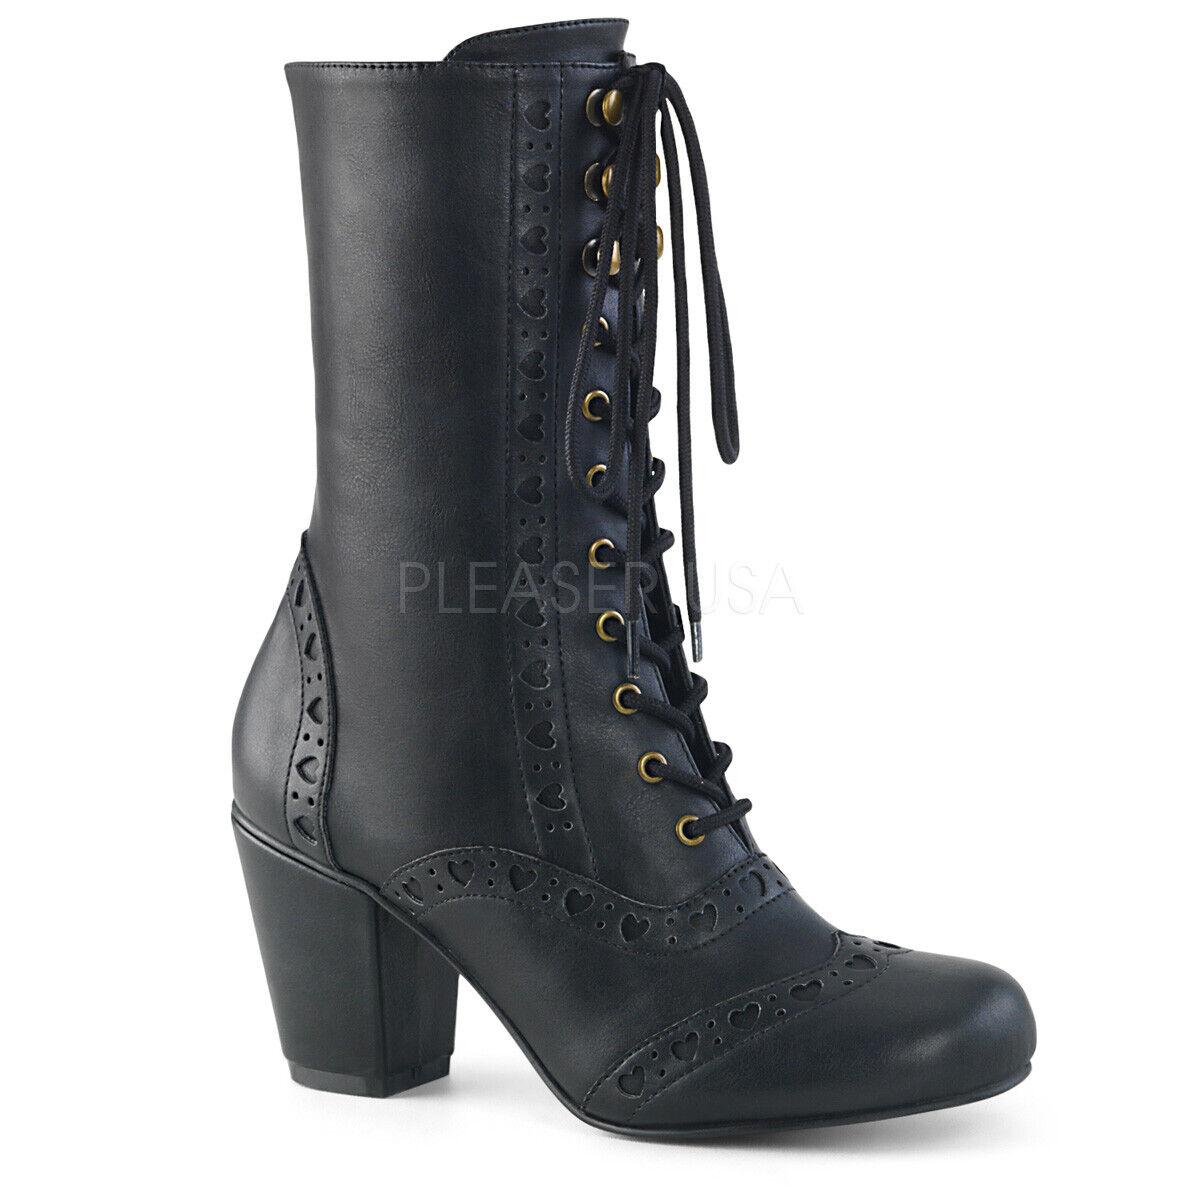 Demonia Vivika - 200 para Mujeres Cuero Negro Vegano Puntera rojoonda Con Cordones botas Mitad de la pantorrilla